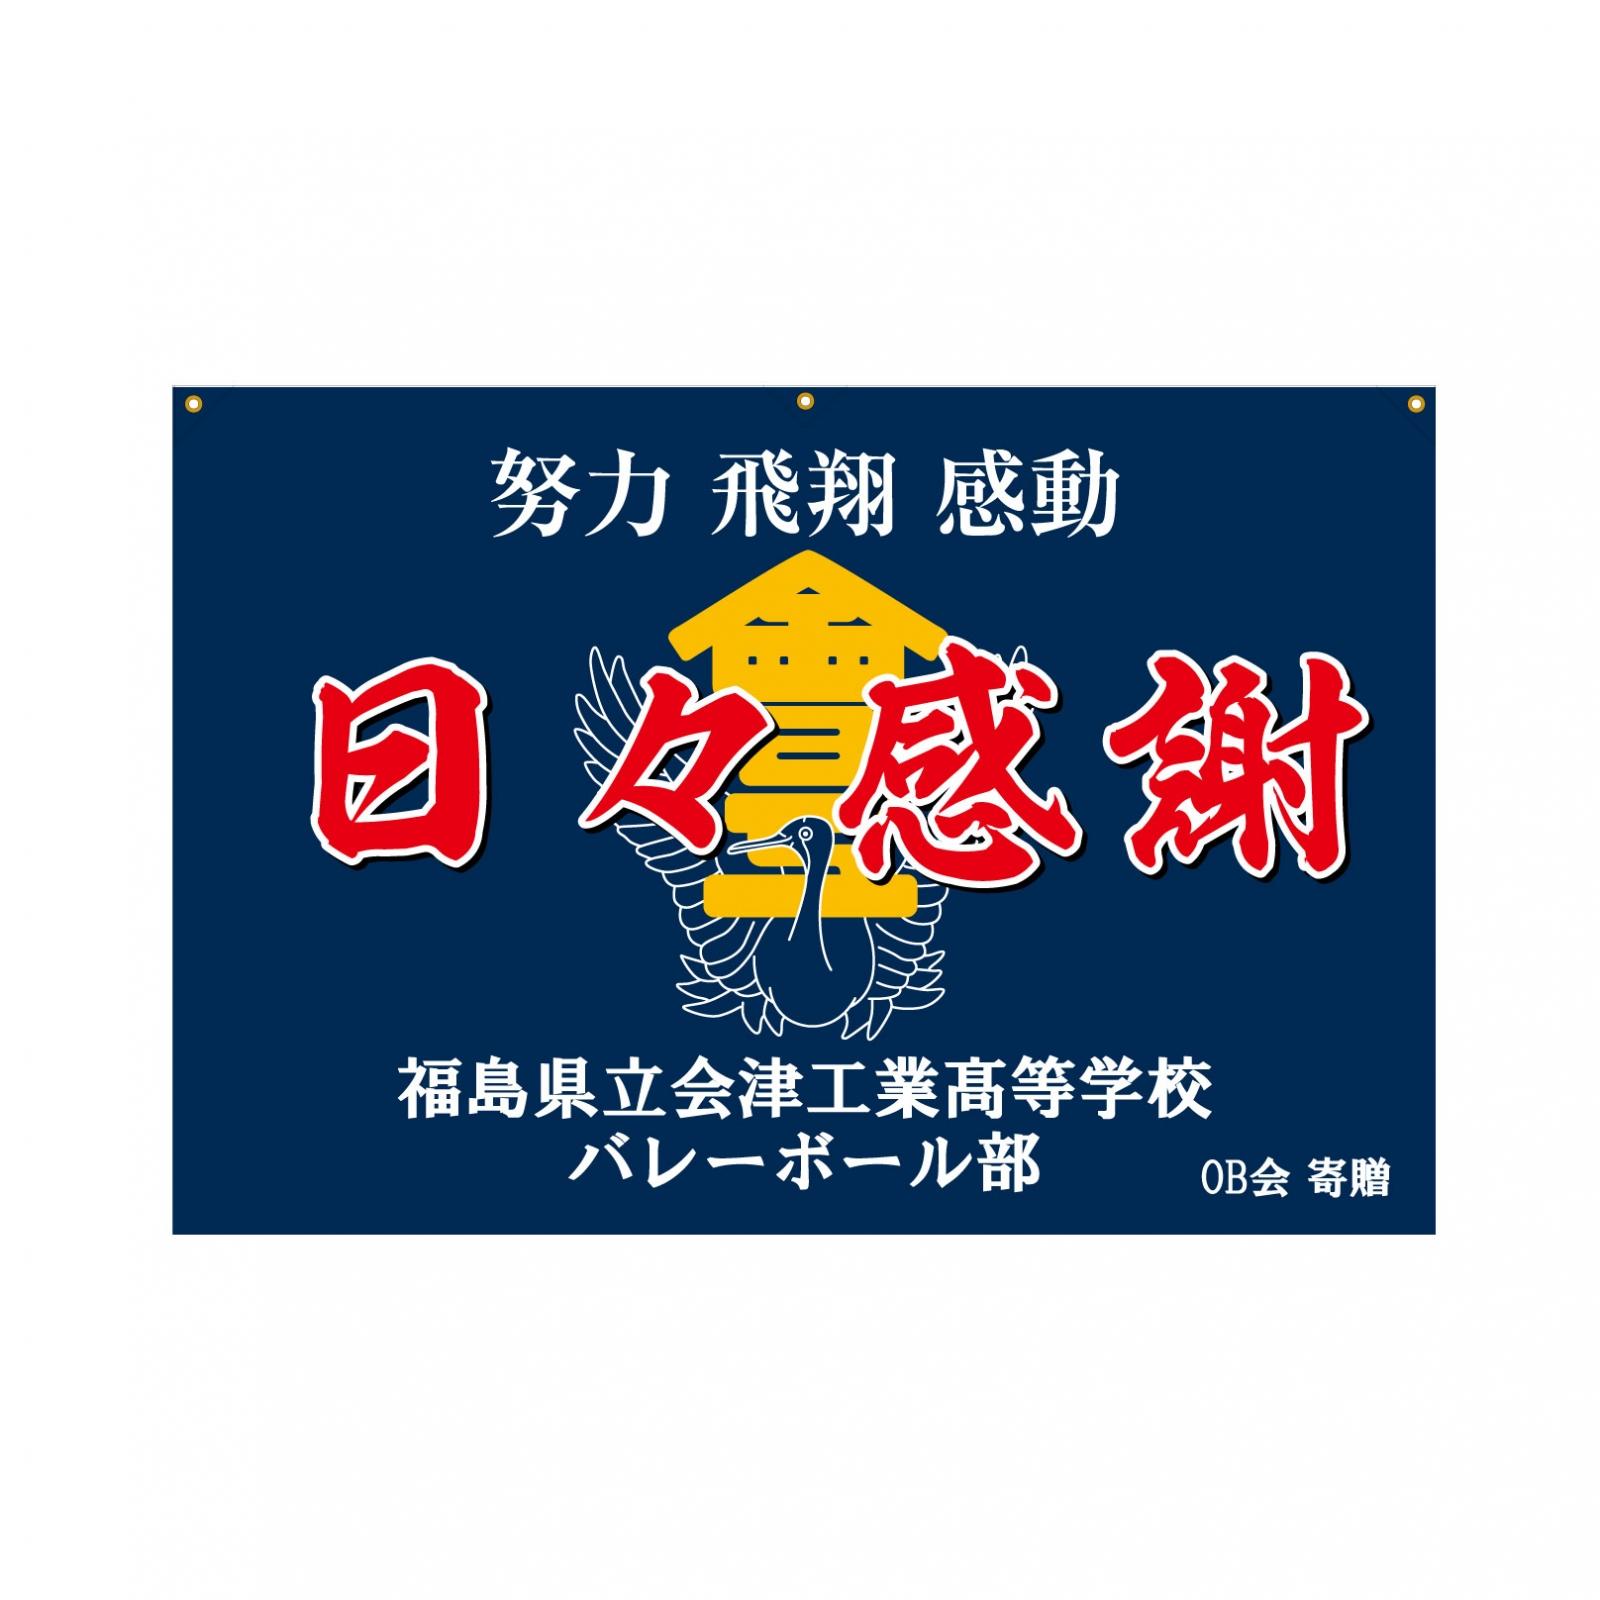 工業高校バレー部の部旗